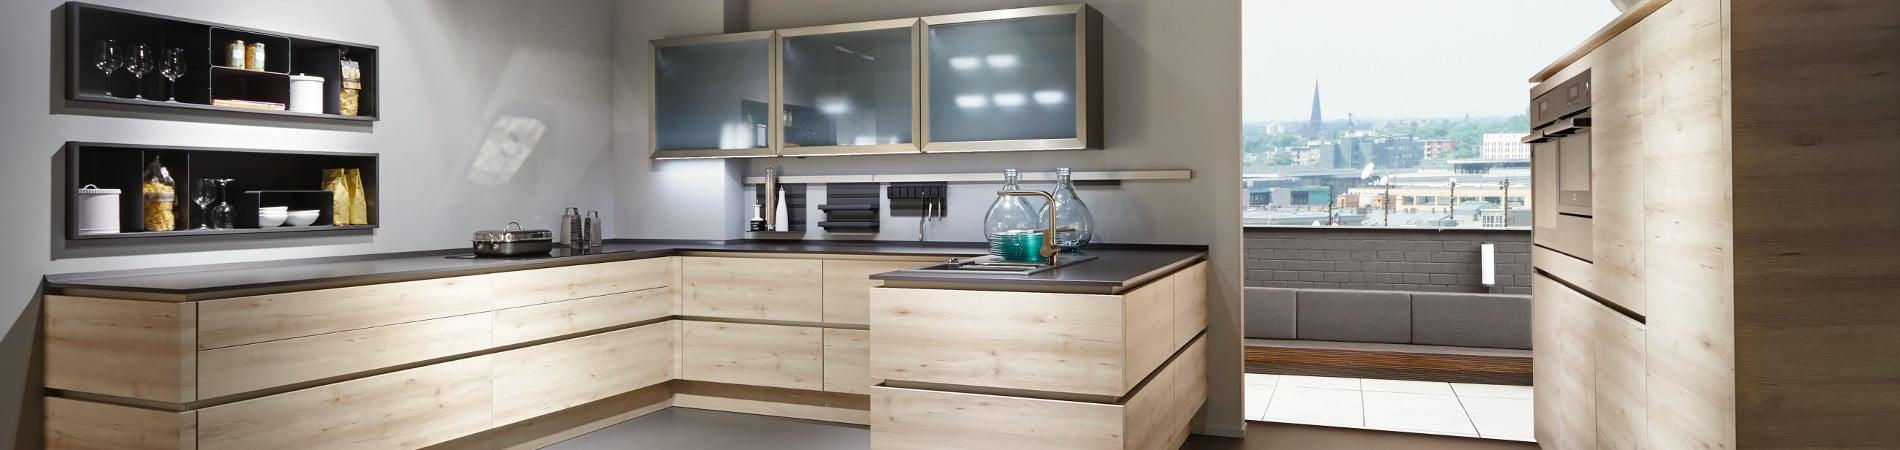 Comment bien concevoir les éléments de sa cuisine ?